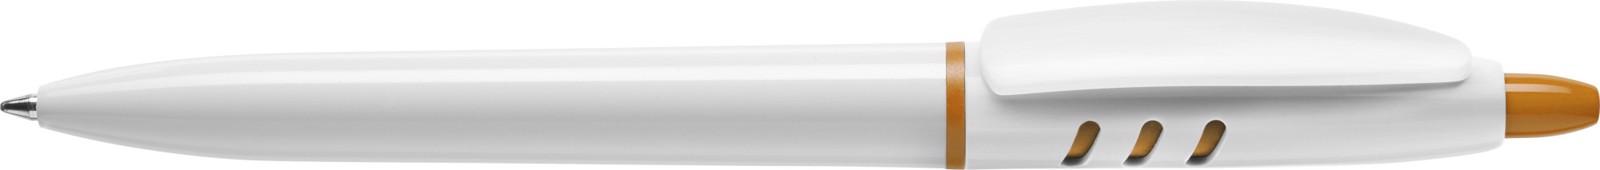 Stilolinea S30 plastic ballpen - White / Orange